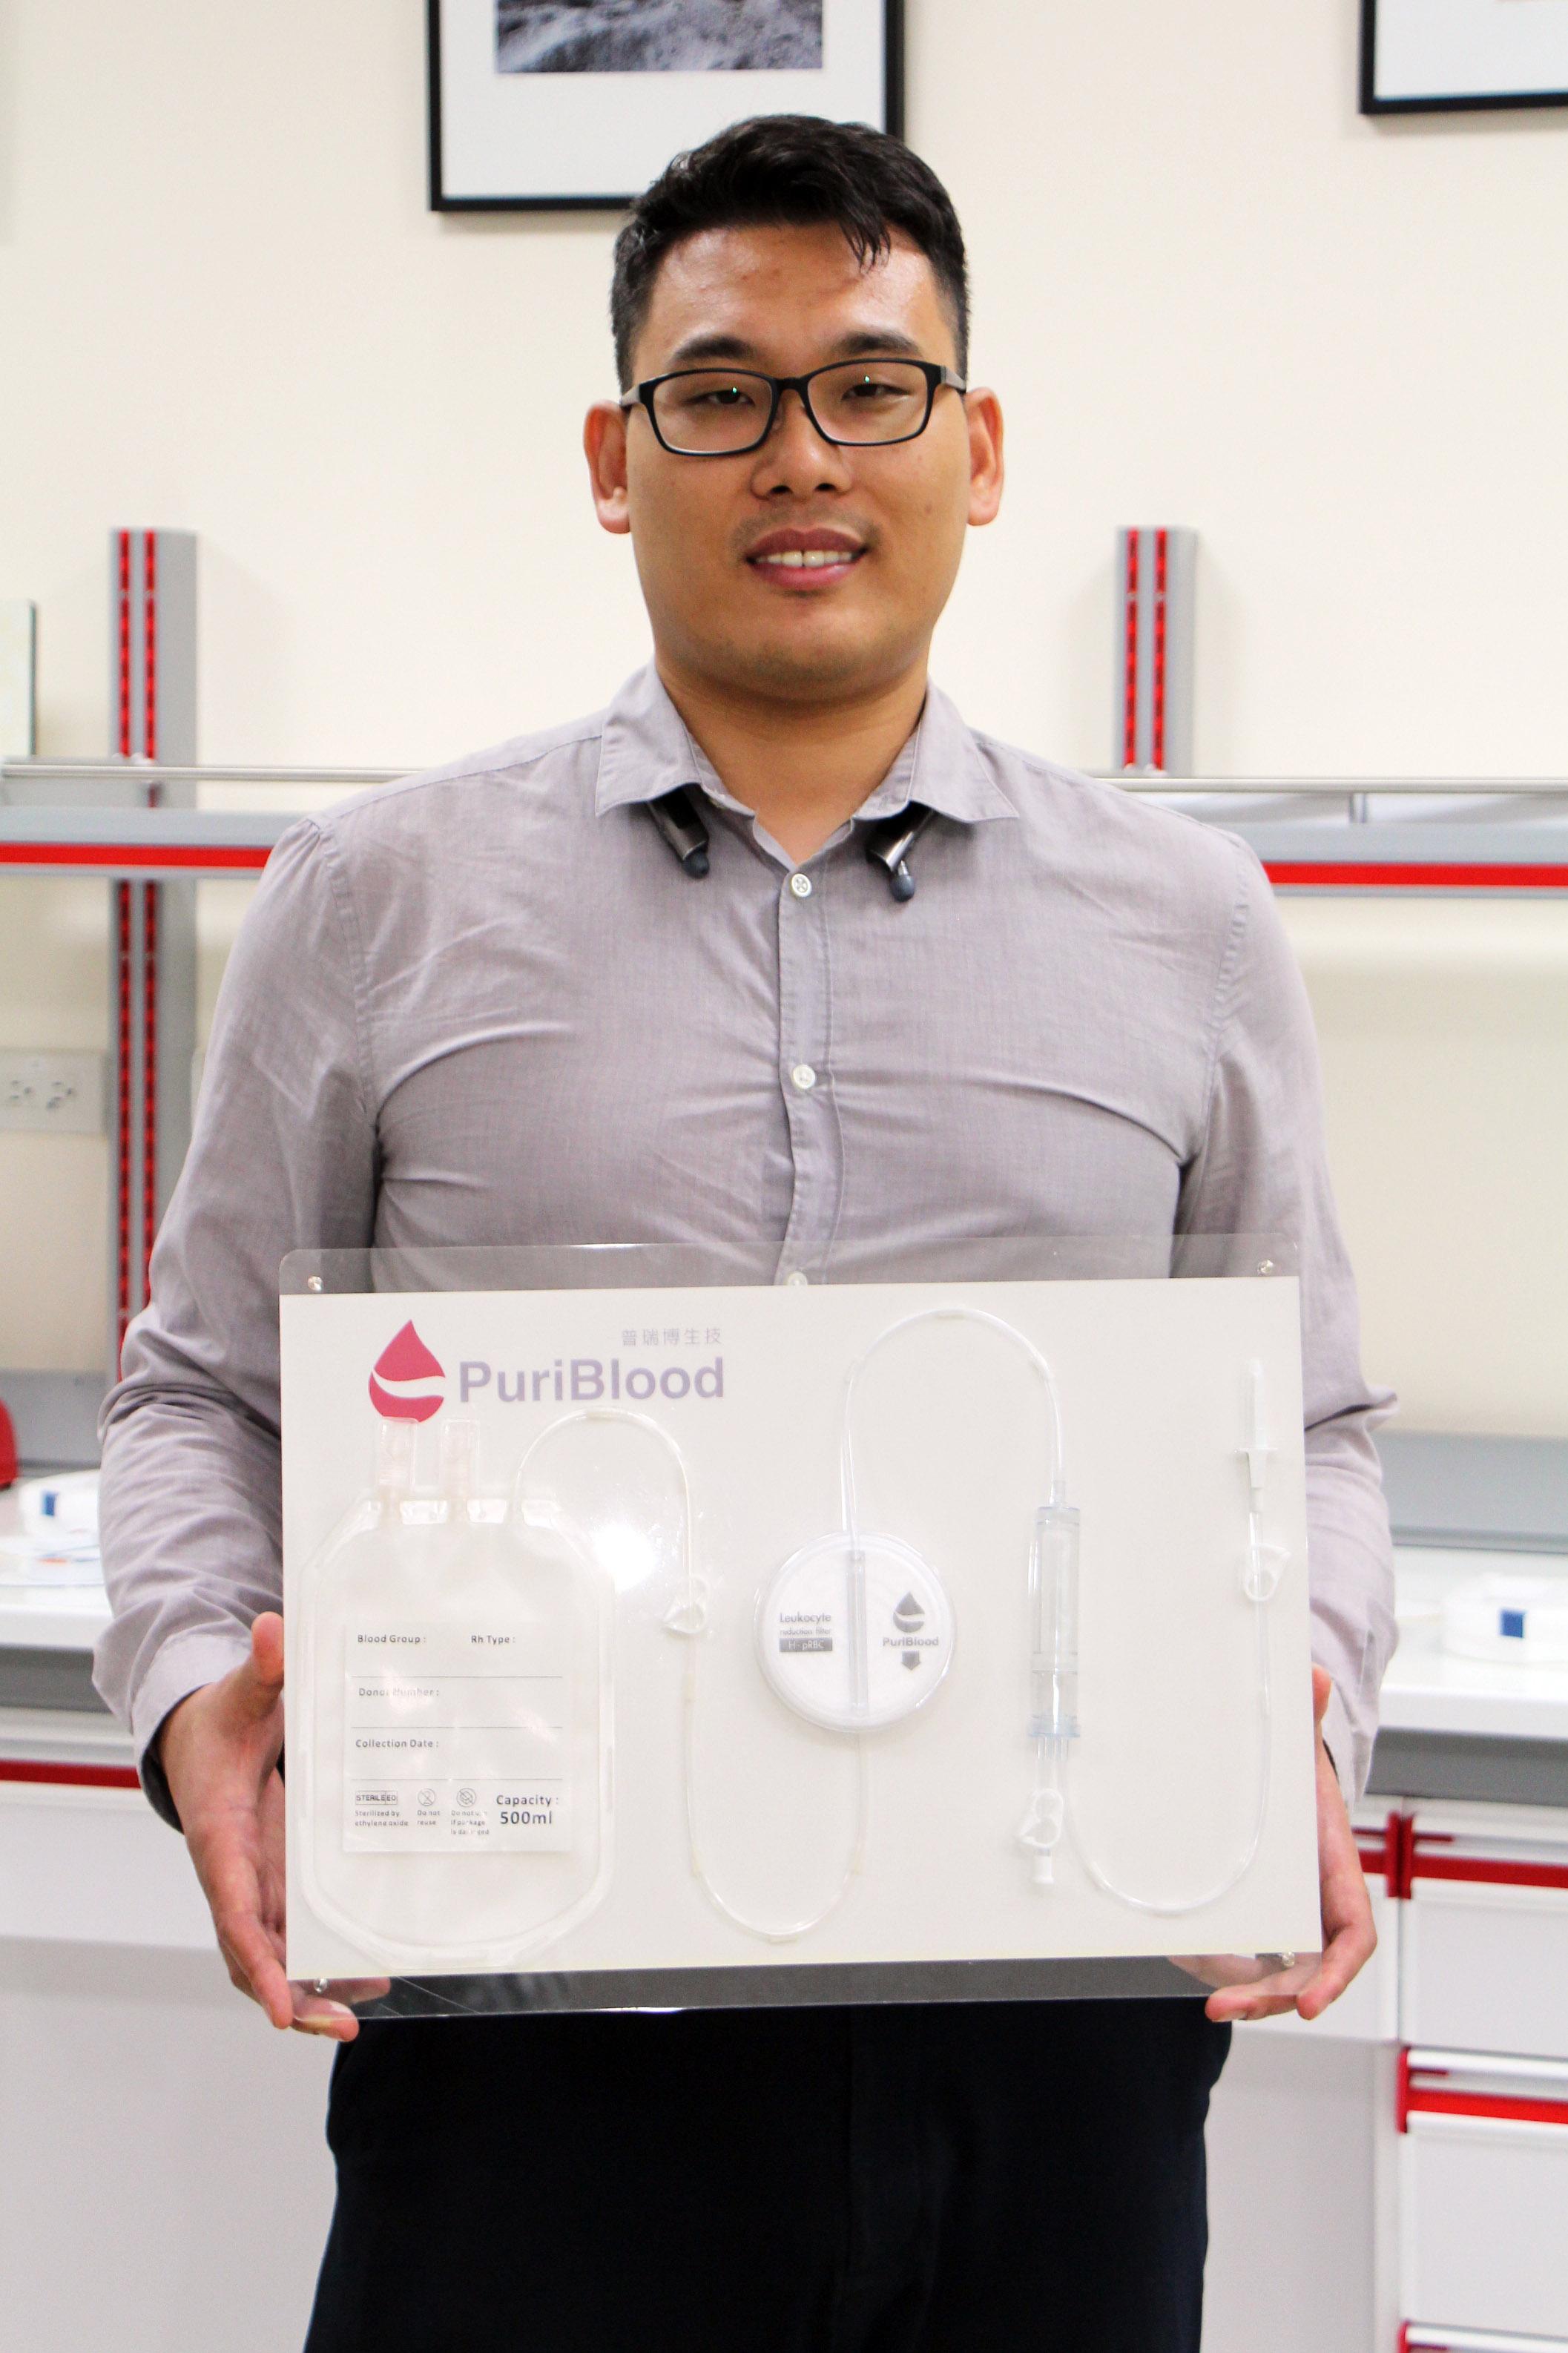 研發高階血液淨化器材  陳彥文獲頒大葉大學傑出校友-大葉大學生物產業科技學系